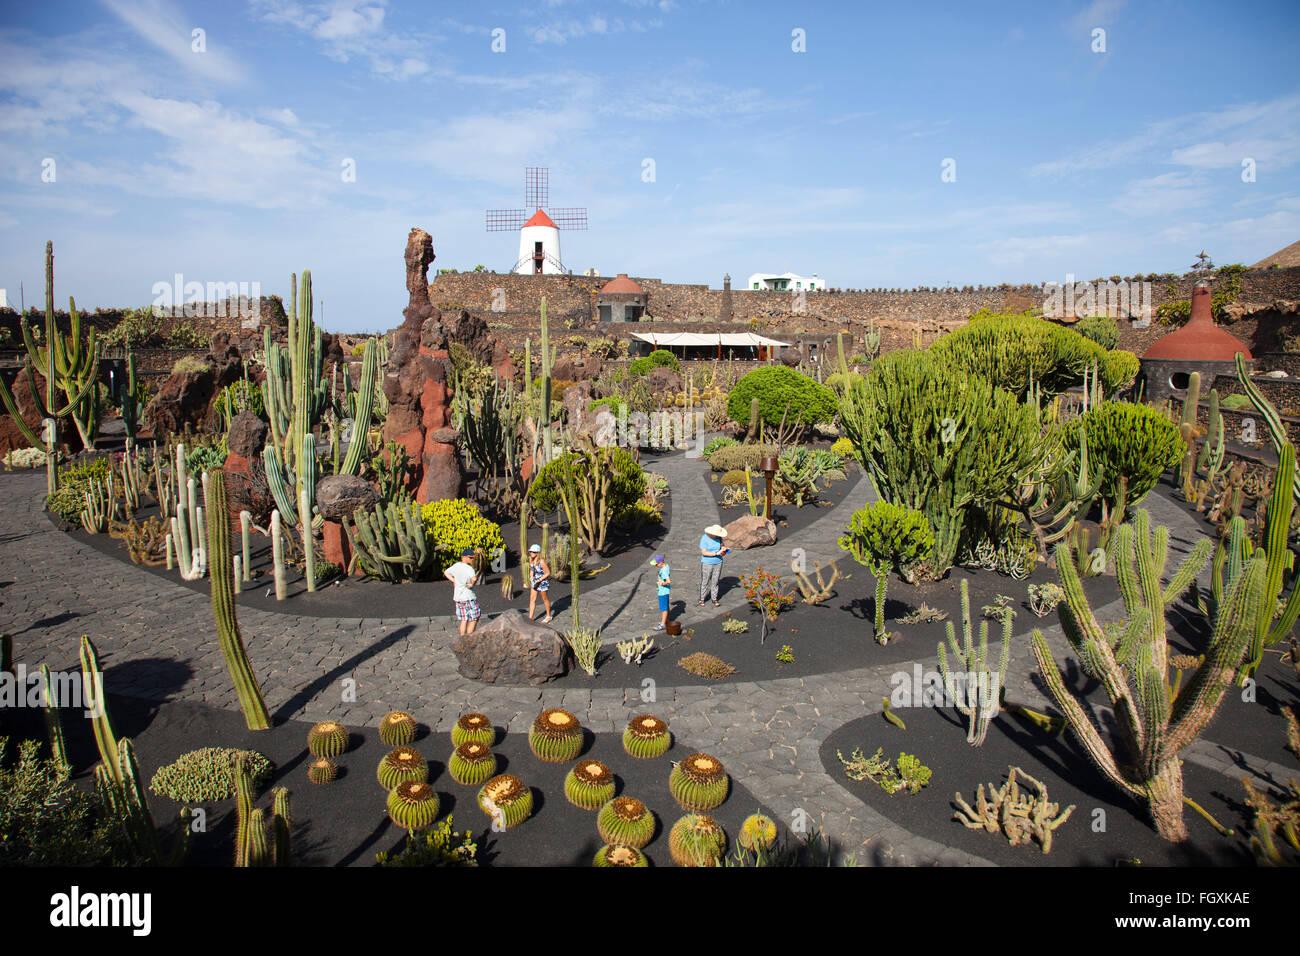 Jardin de cactus by artist cesar manrique guatiza area for Jardineras de cactus